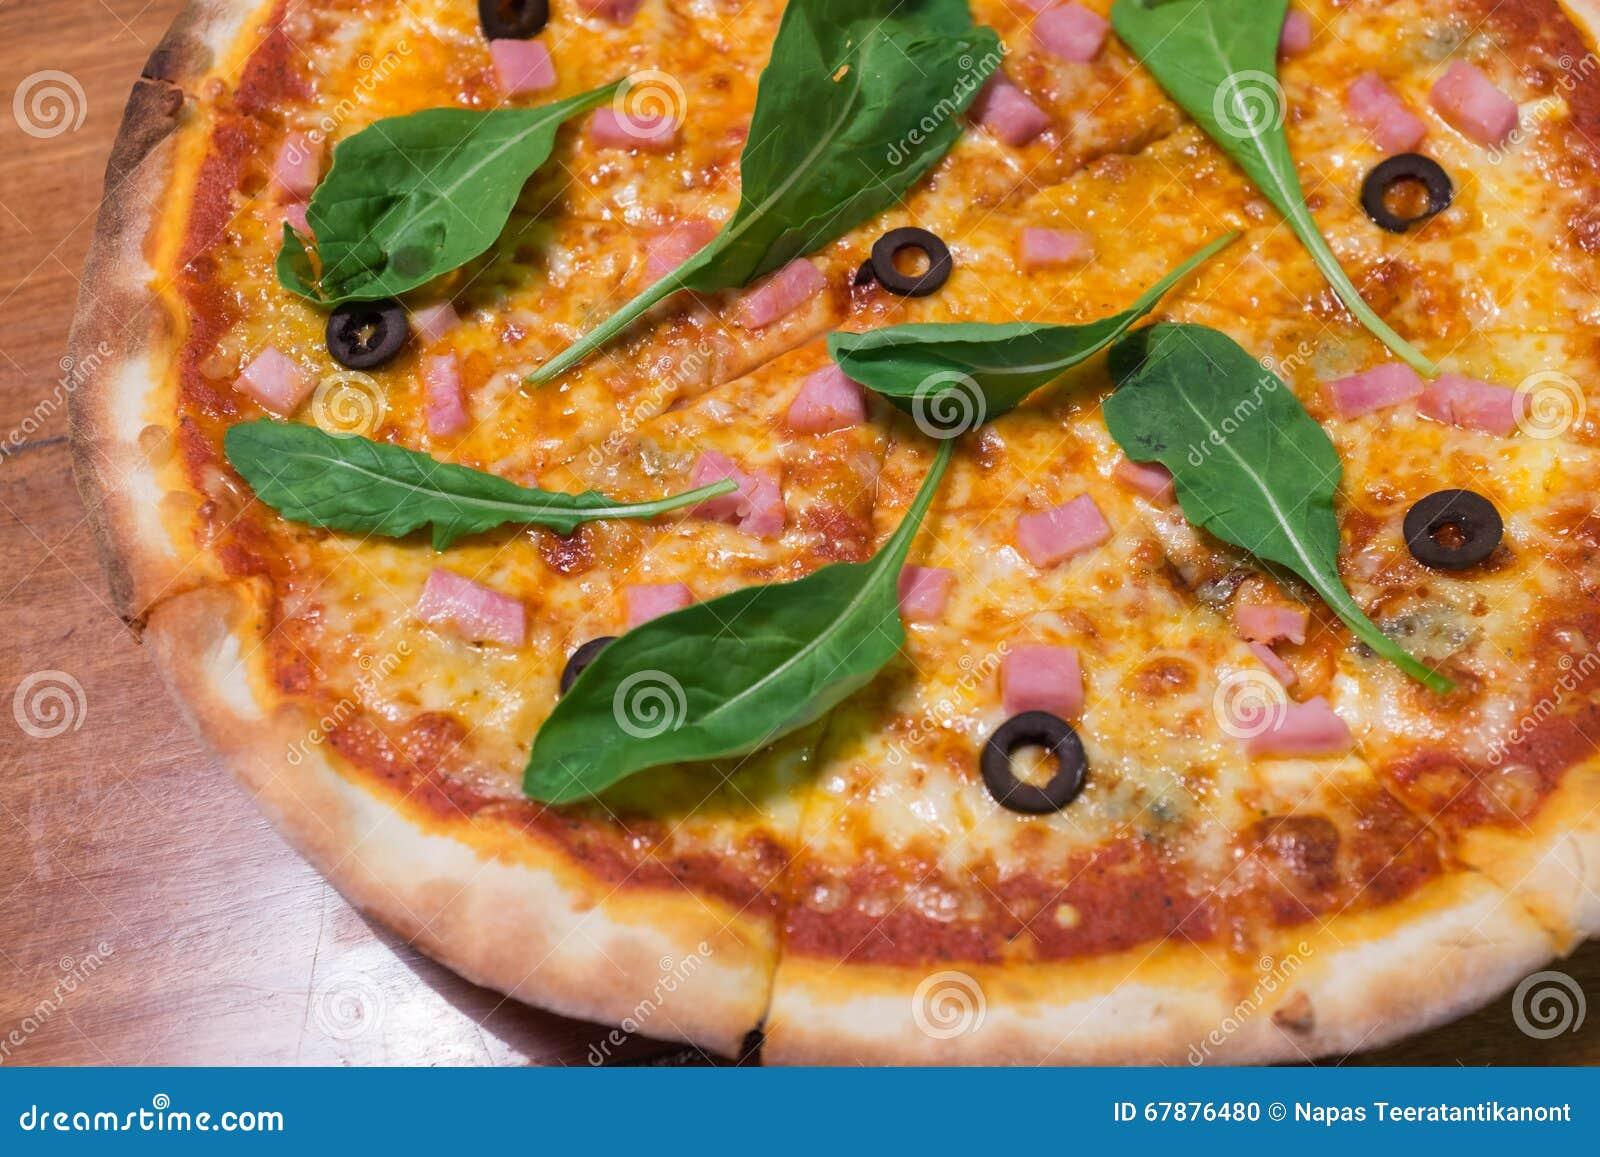 Pizza de madera tradicional del italiano de la quemadura